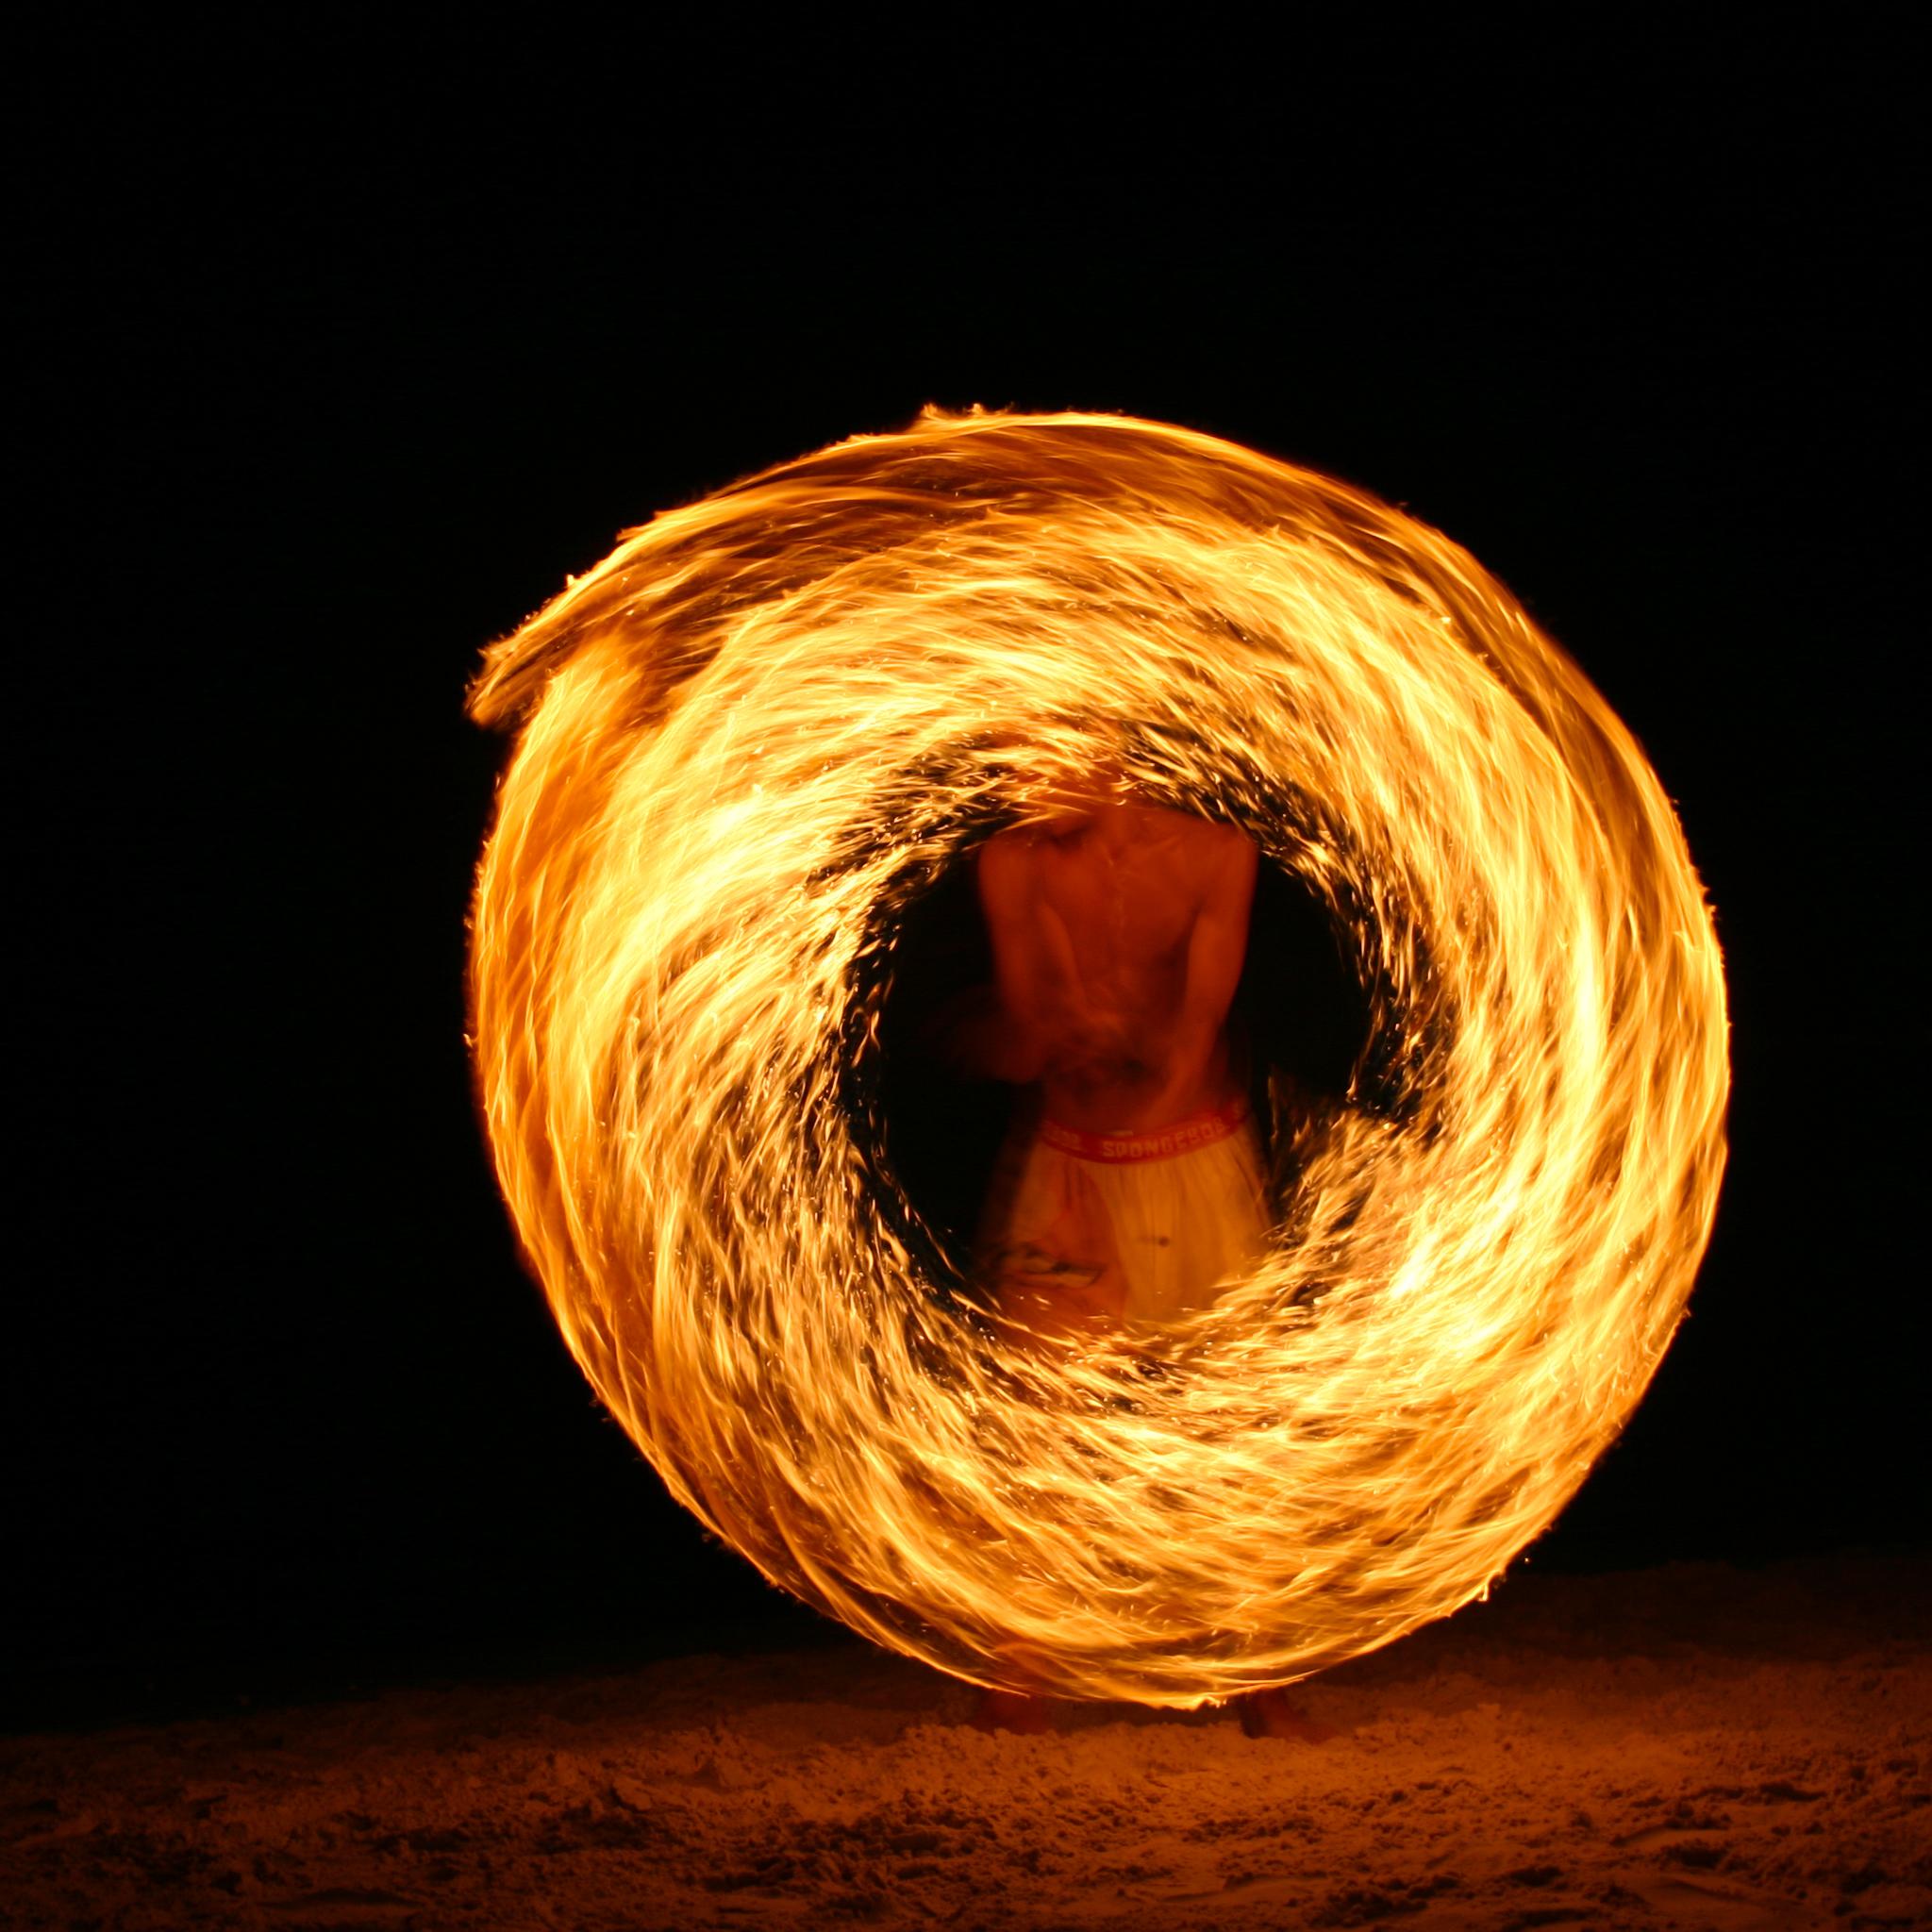 Fire dancer on Samet Island 3Wallpapers iPad Retina Fire Dancer on Samet Island   iPad Retina